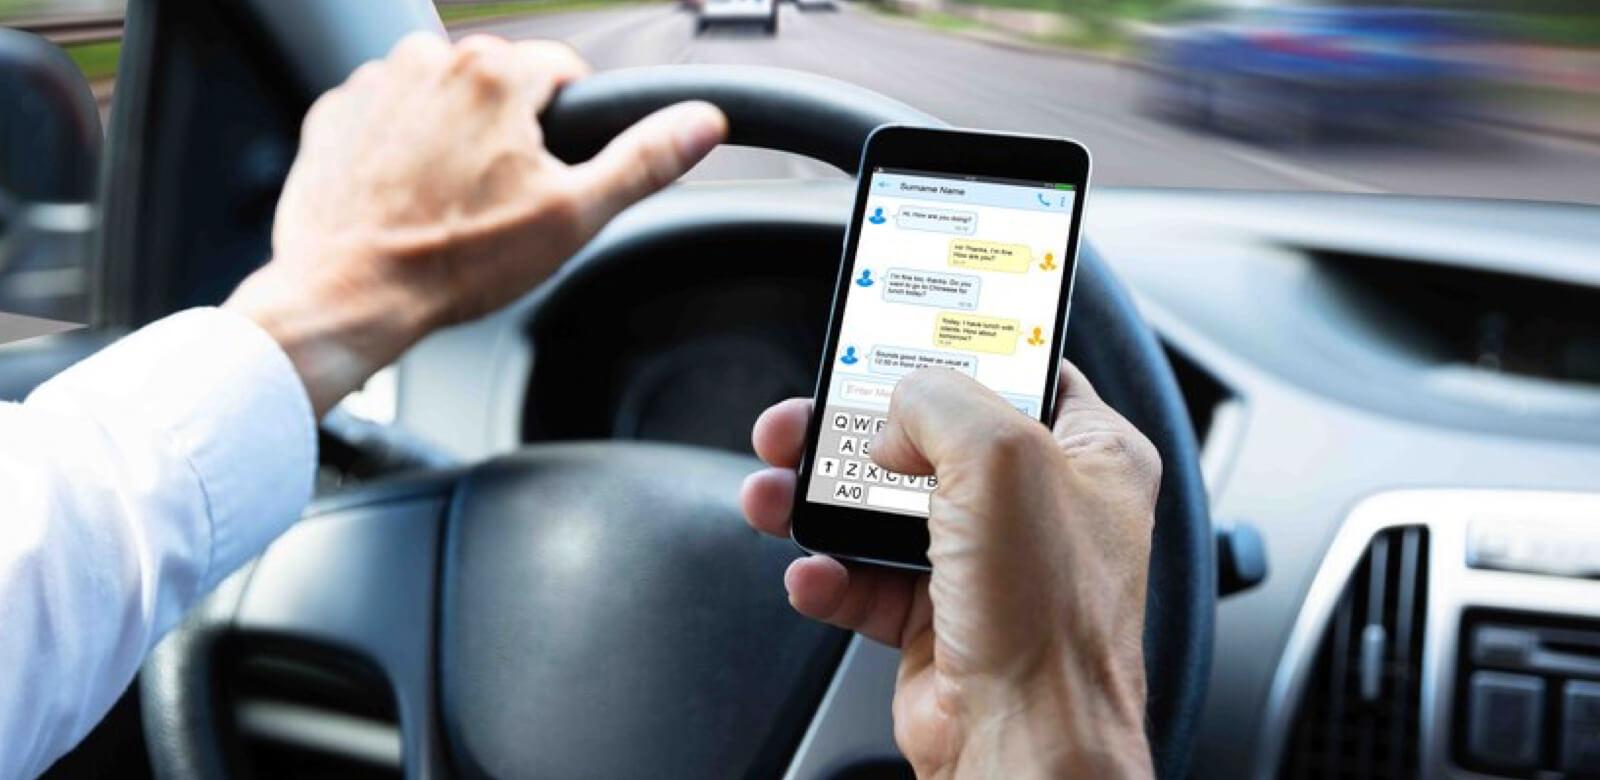 Utilizar el teléfono móvil mientras se conduce